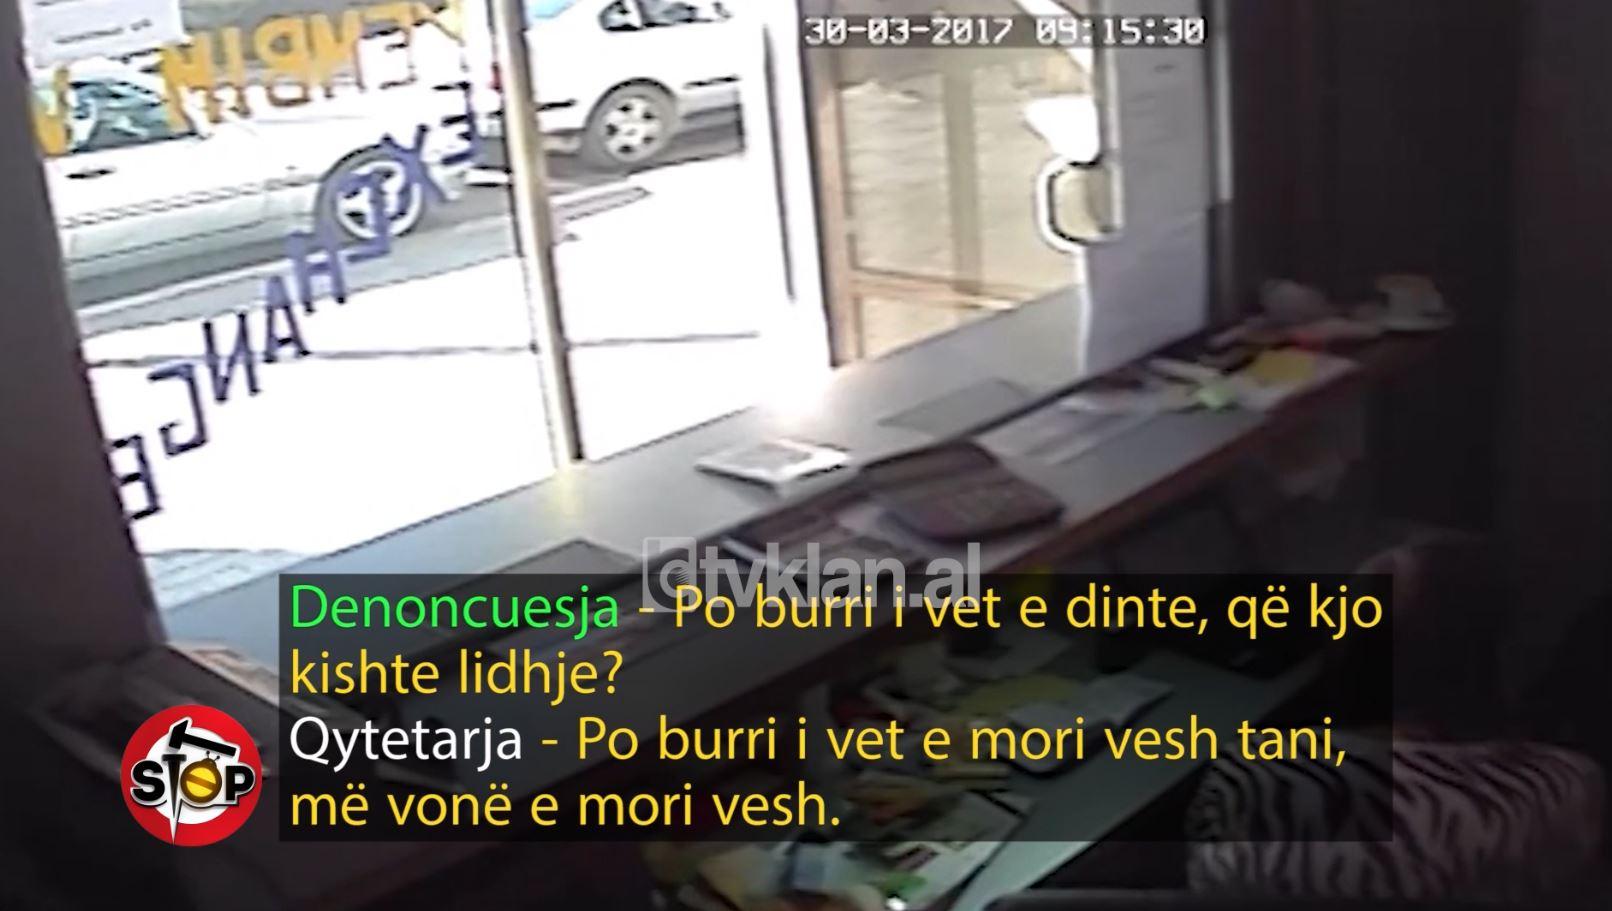 Zbardhet skena, lidhja e dashurisë i kushton një gruaje në Tiranë 72 milionë lekë